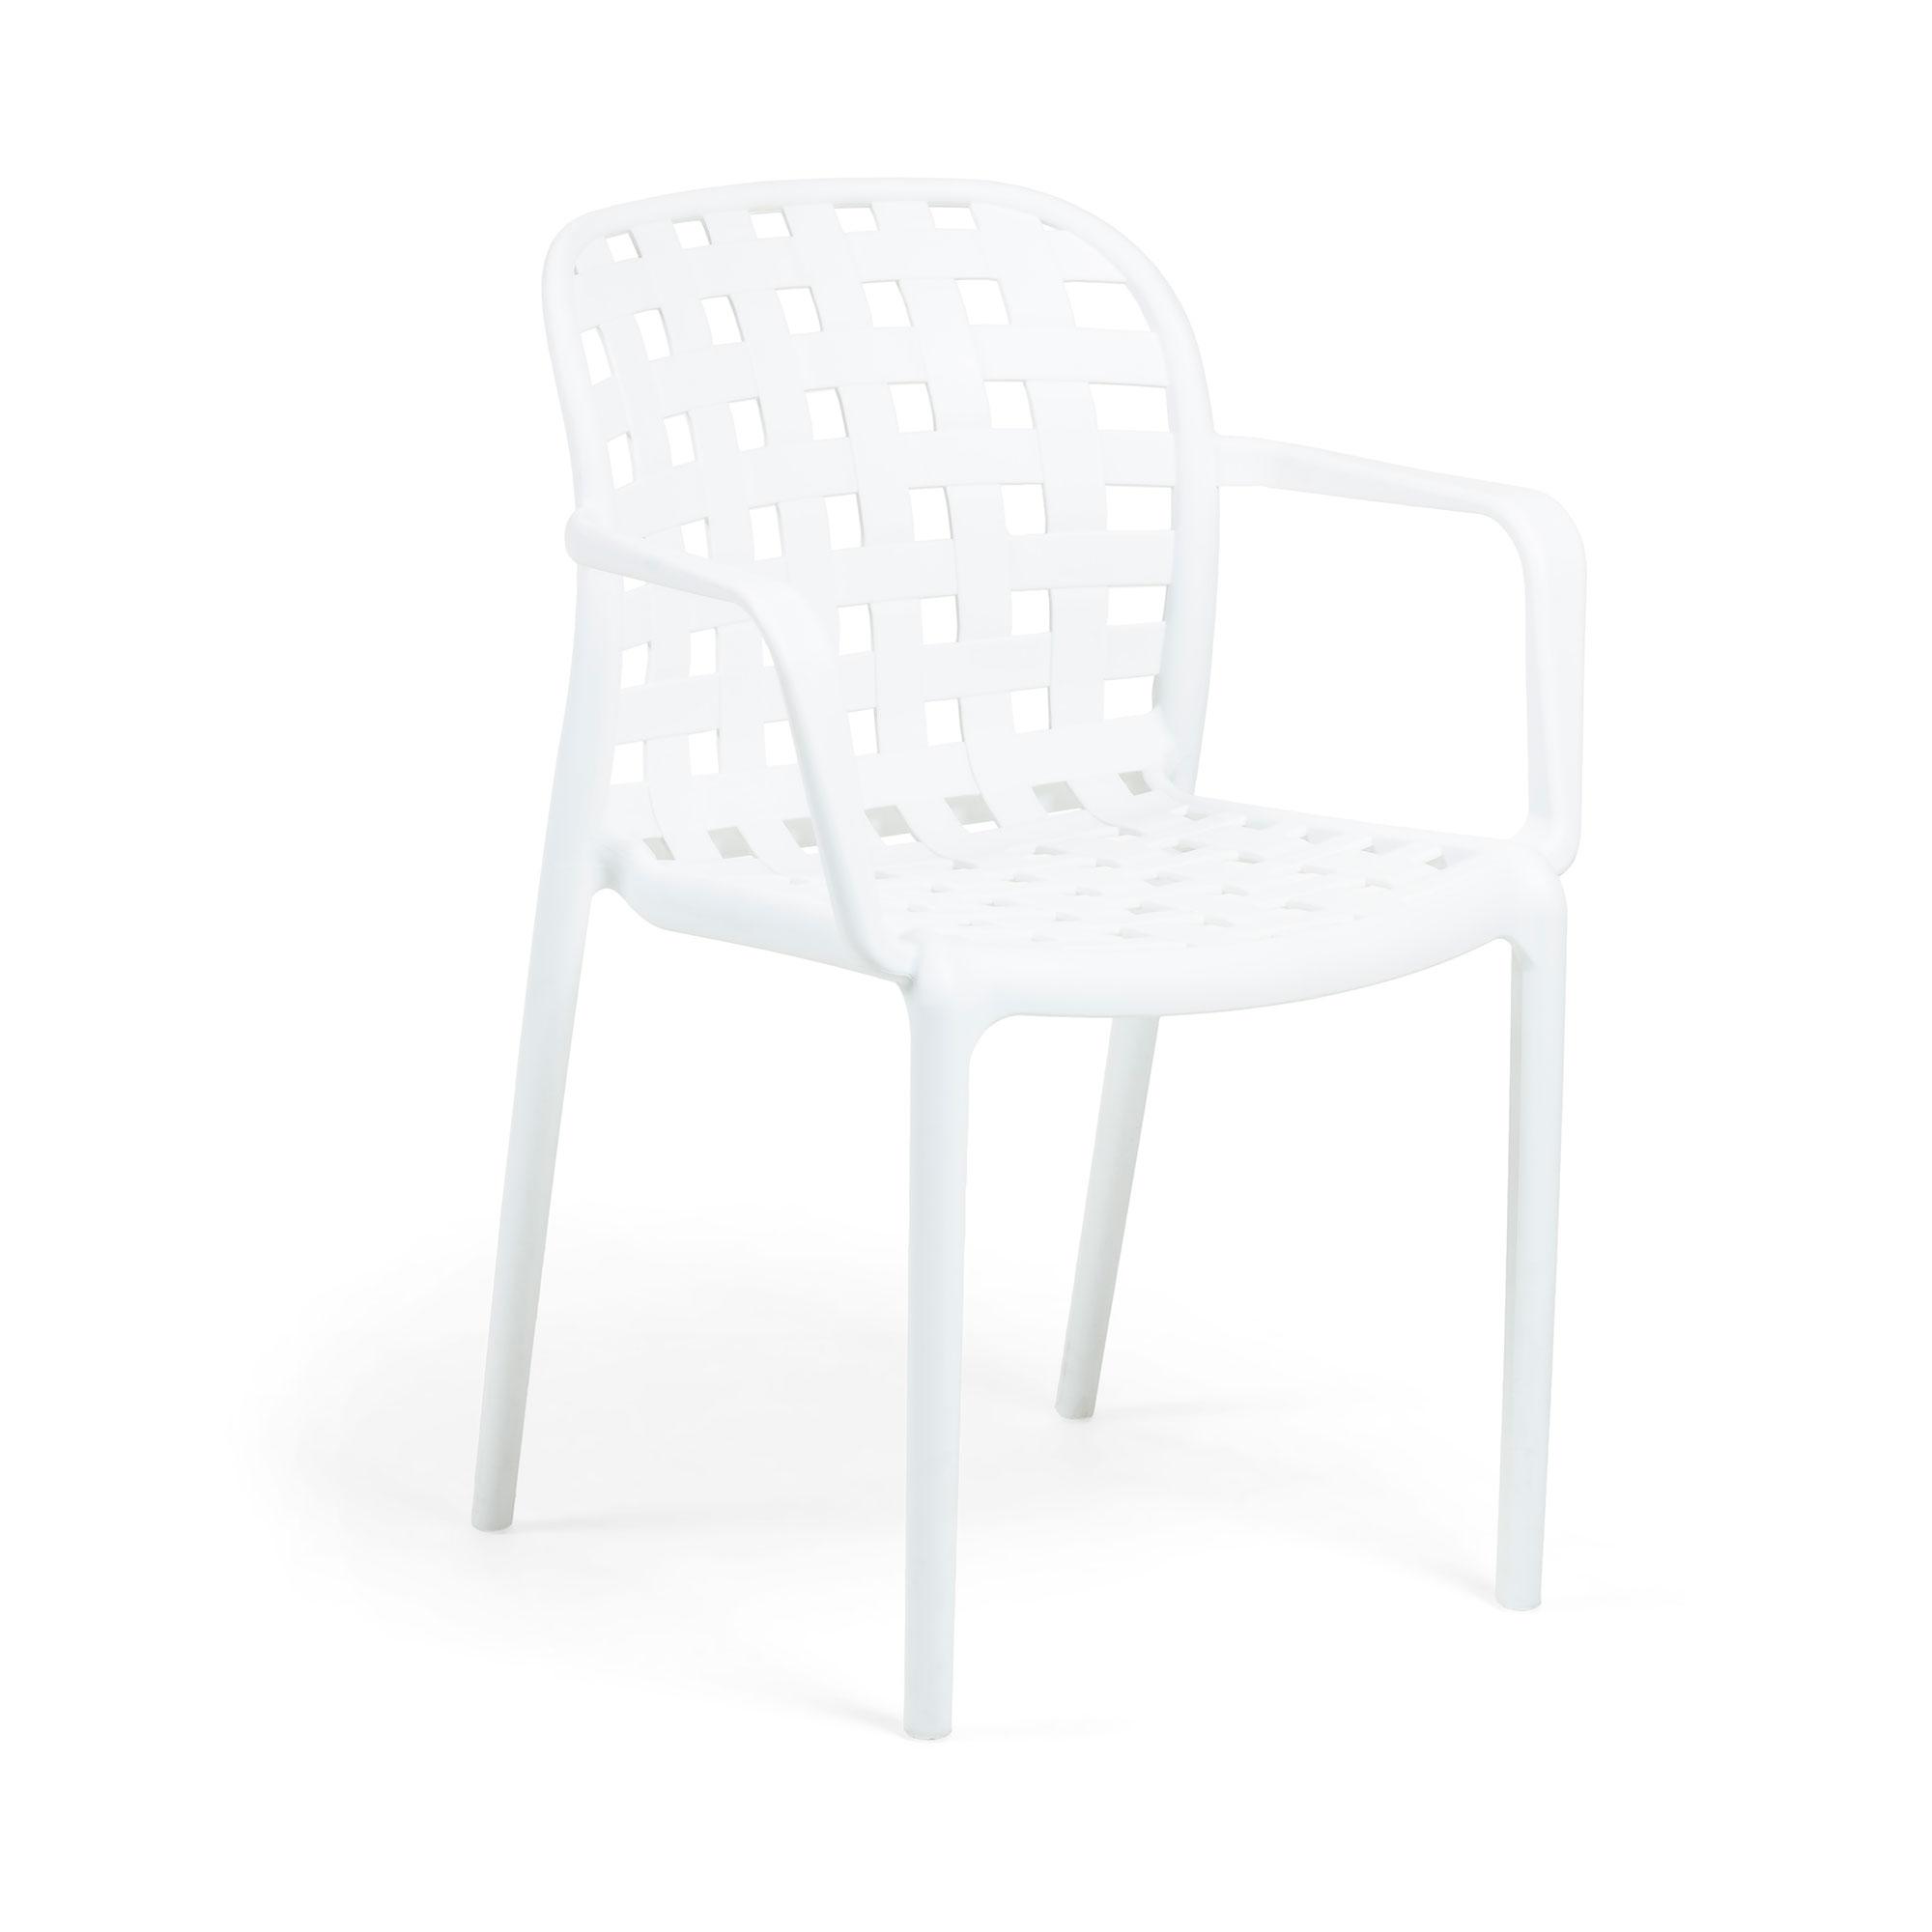 LAFORMA Onha spisebordsstol m. armlæn - hvid plastik og stål